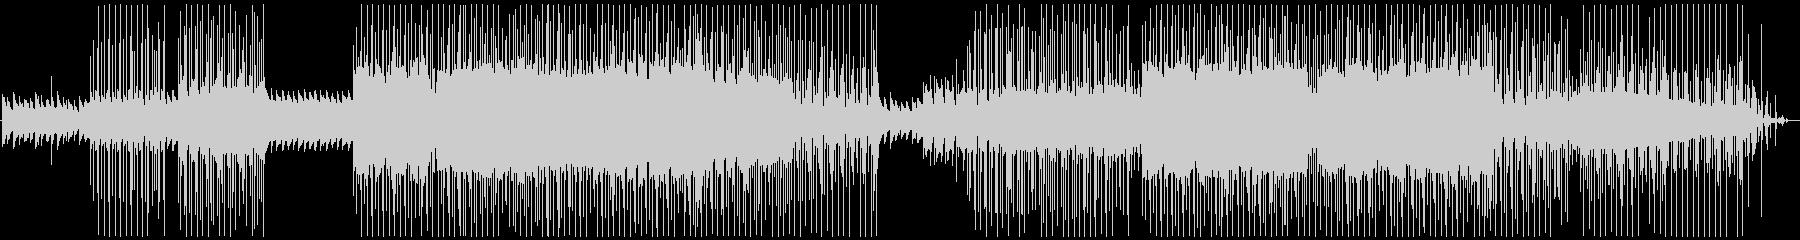 ゆったりとした心地良い音のLo-Fiの未再生の波形